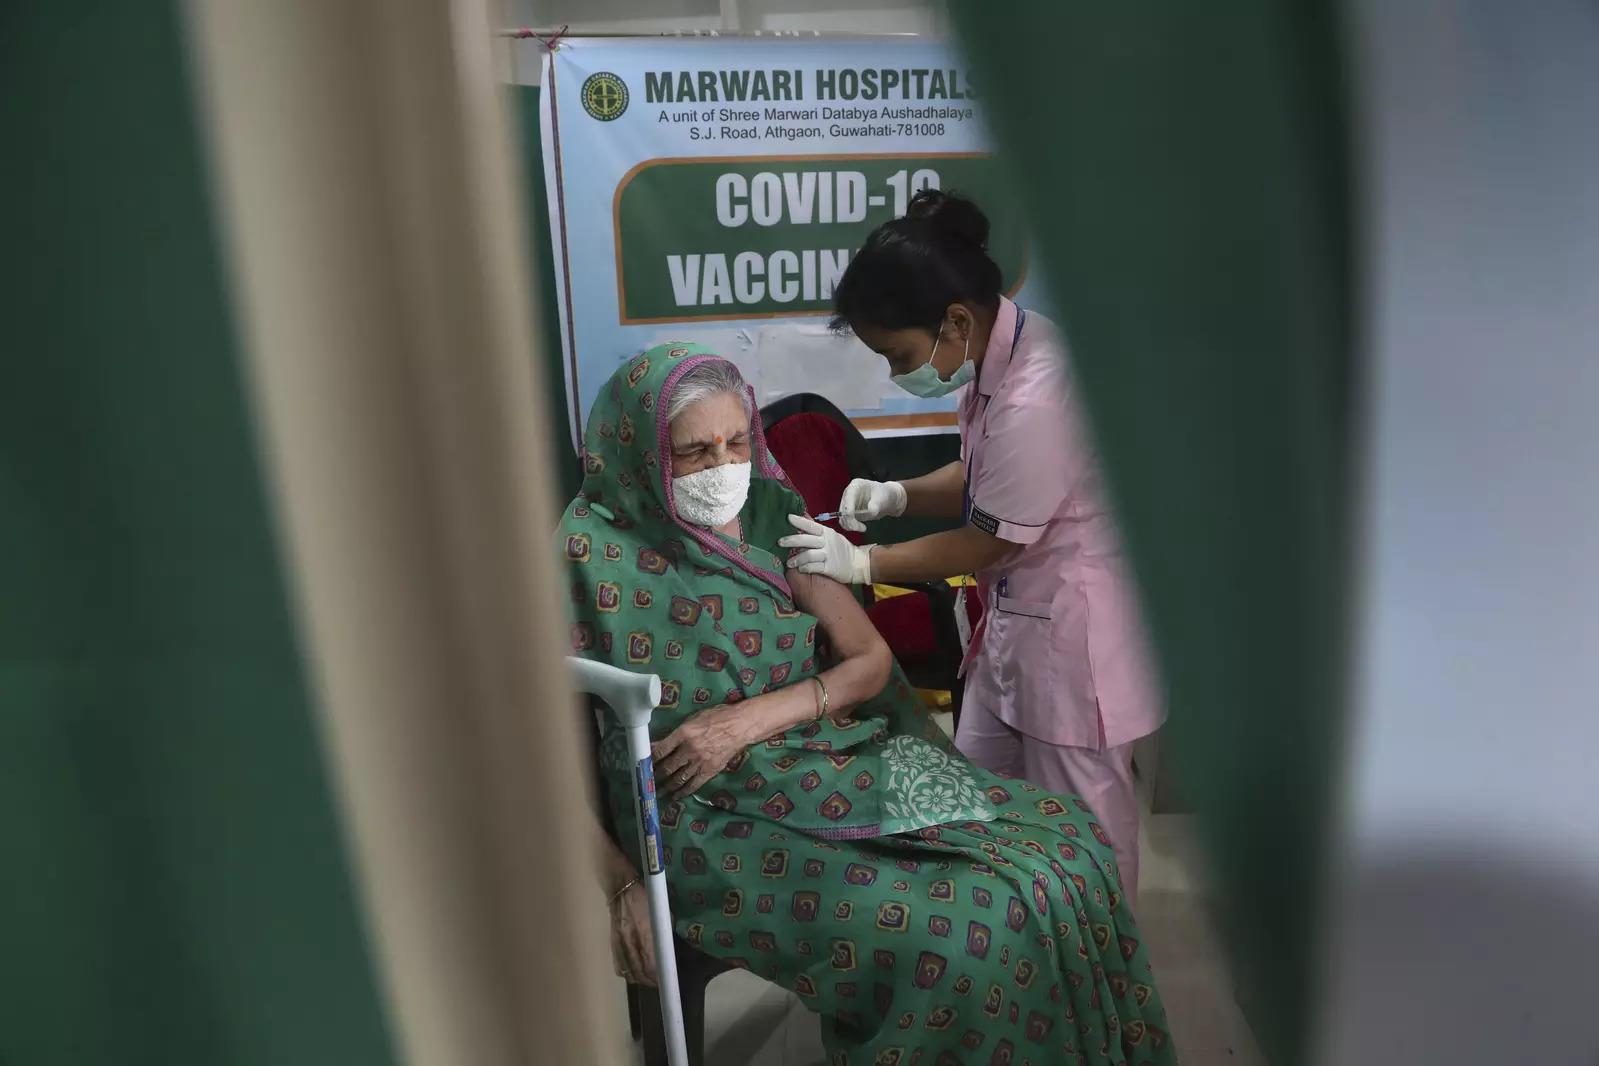 India administers 10.85 cr Covid-19 vaccine doses so far